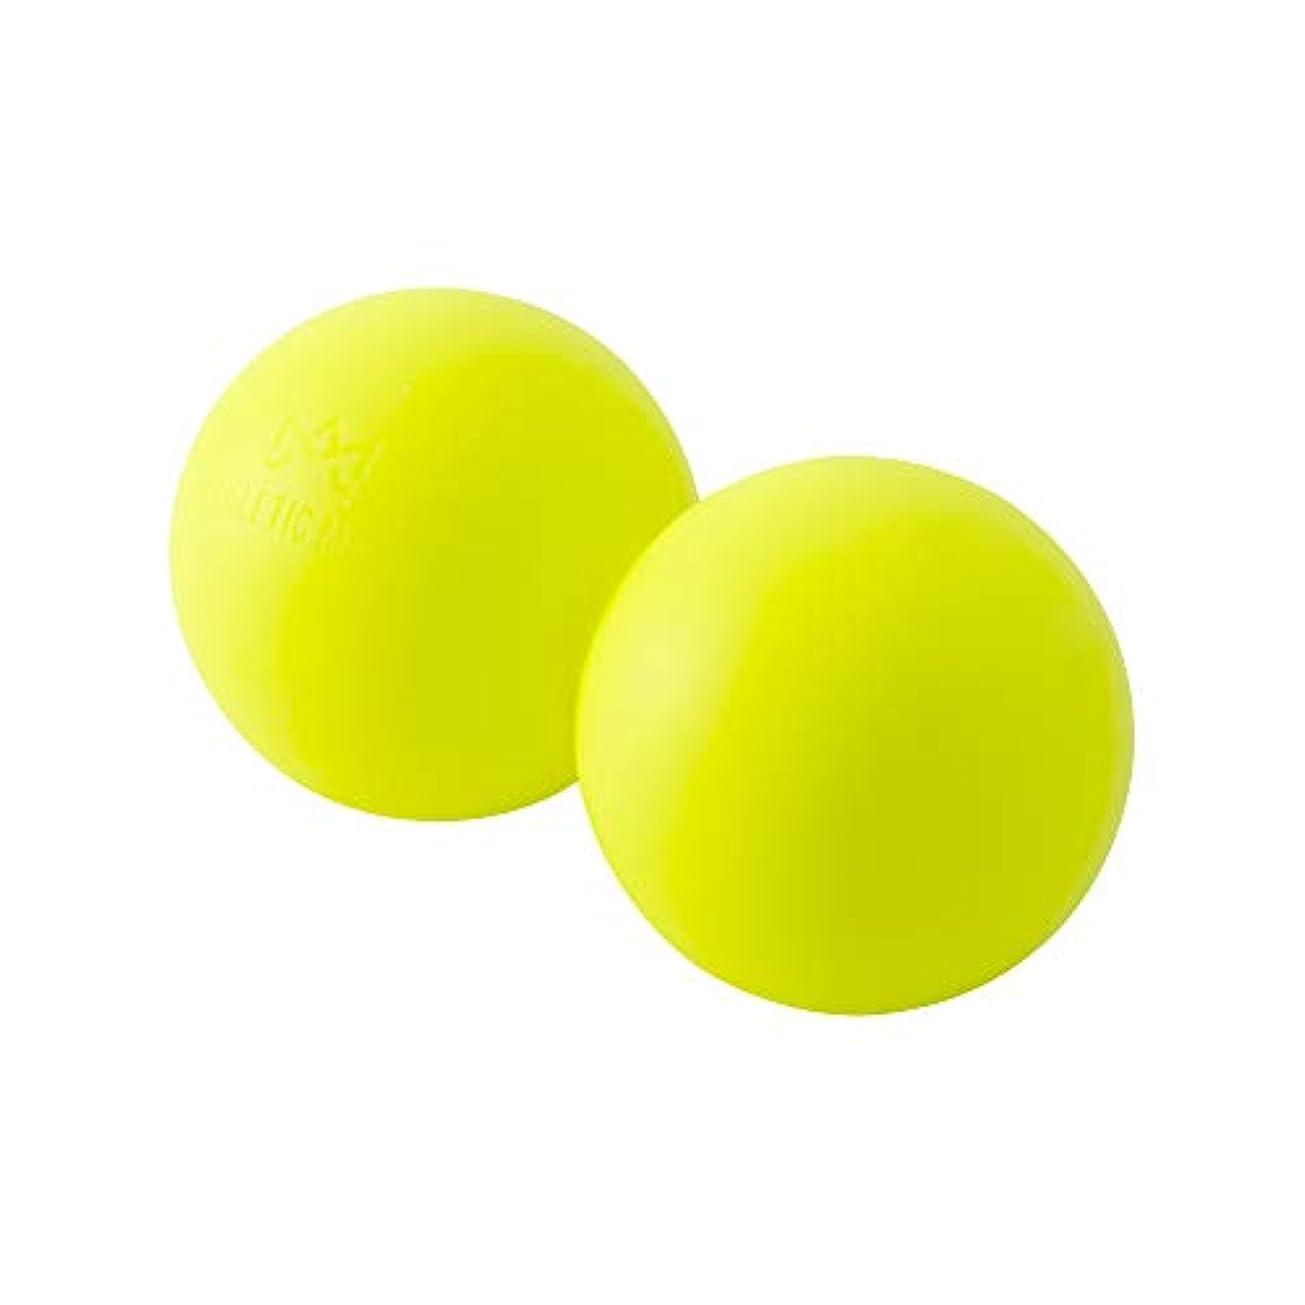 支給すみません緊張するATHLETIC MART ピーナッツ型ストレッチボール マッサージボール ラクロスボール2個サイズ ツボ押し (蛍光イエロー)